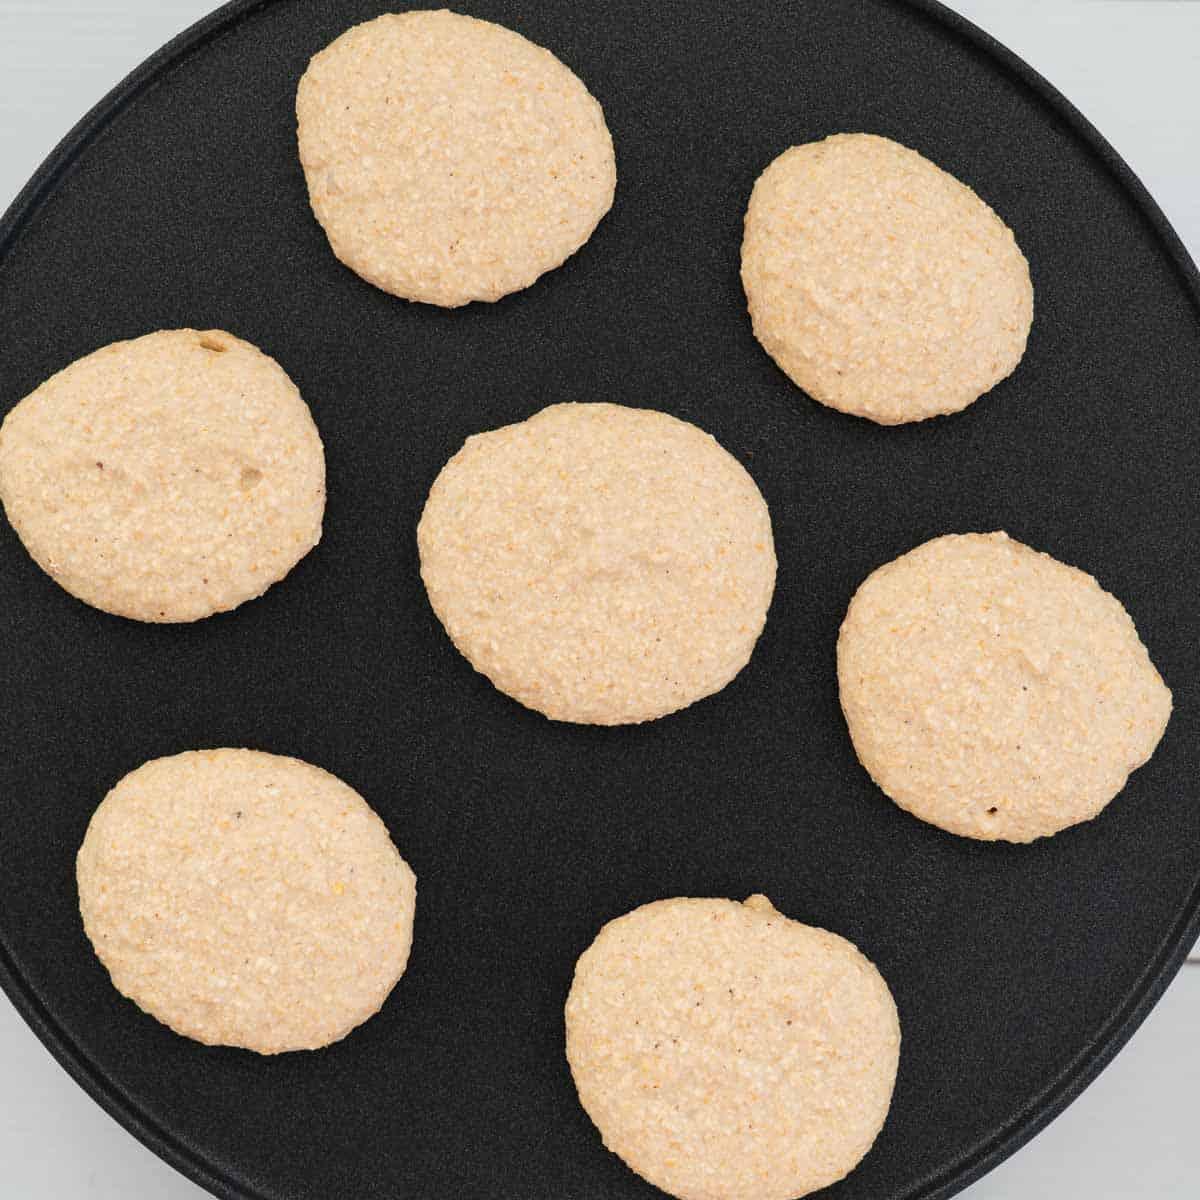 Pancakes cooking on a pancake pan.